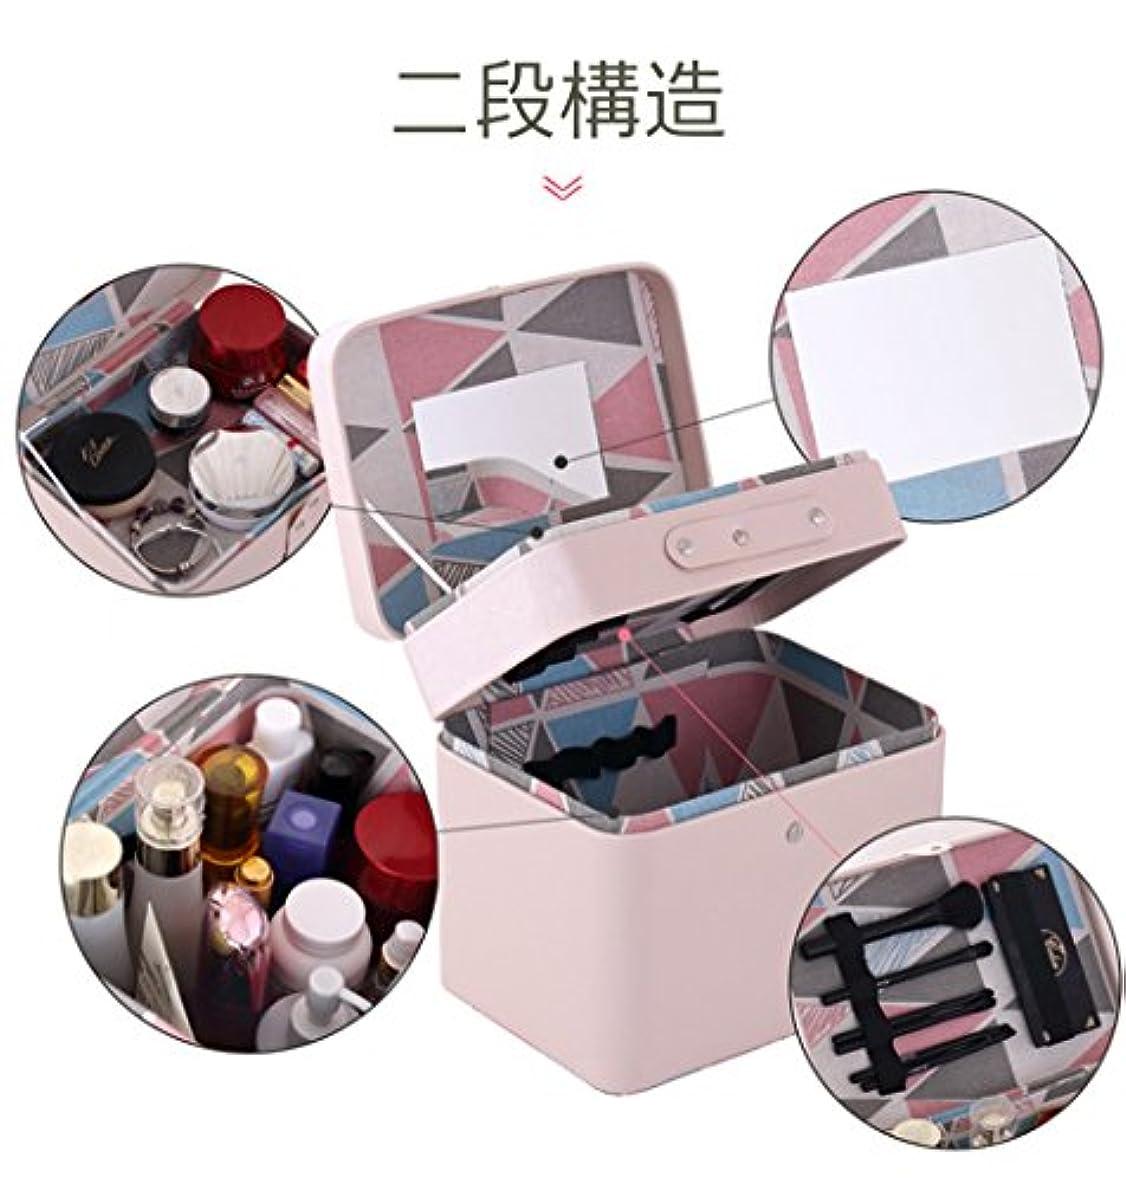 潜む突き出すファンタジーSZTulip メイクボックス コスメボックス 大容量収納ケース メイクブラシ化粧道具 小物入れ 鏡付き 化粧品収納ボックス (ピンク)